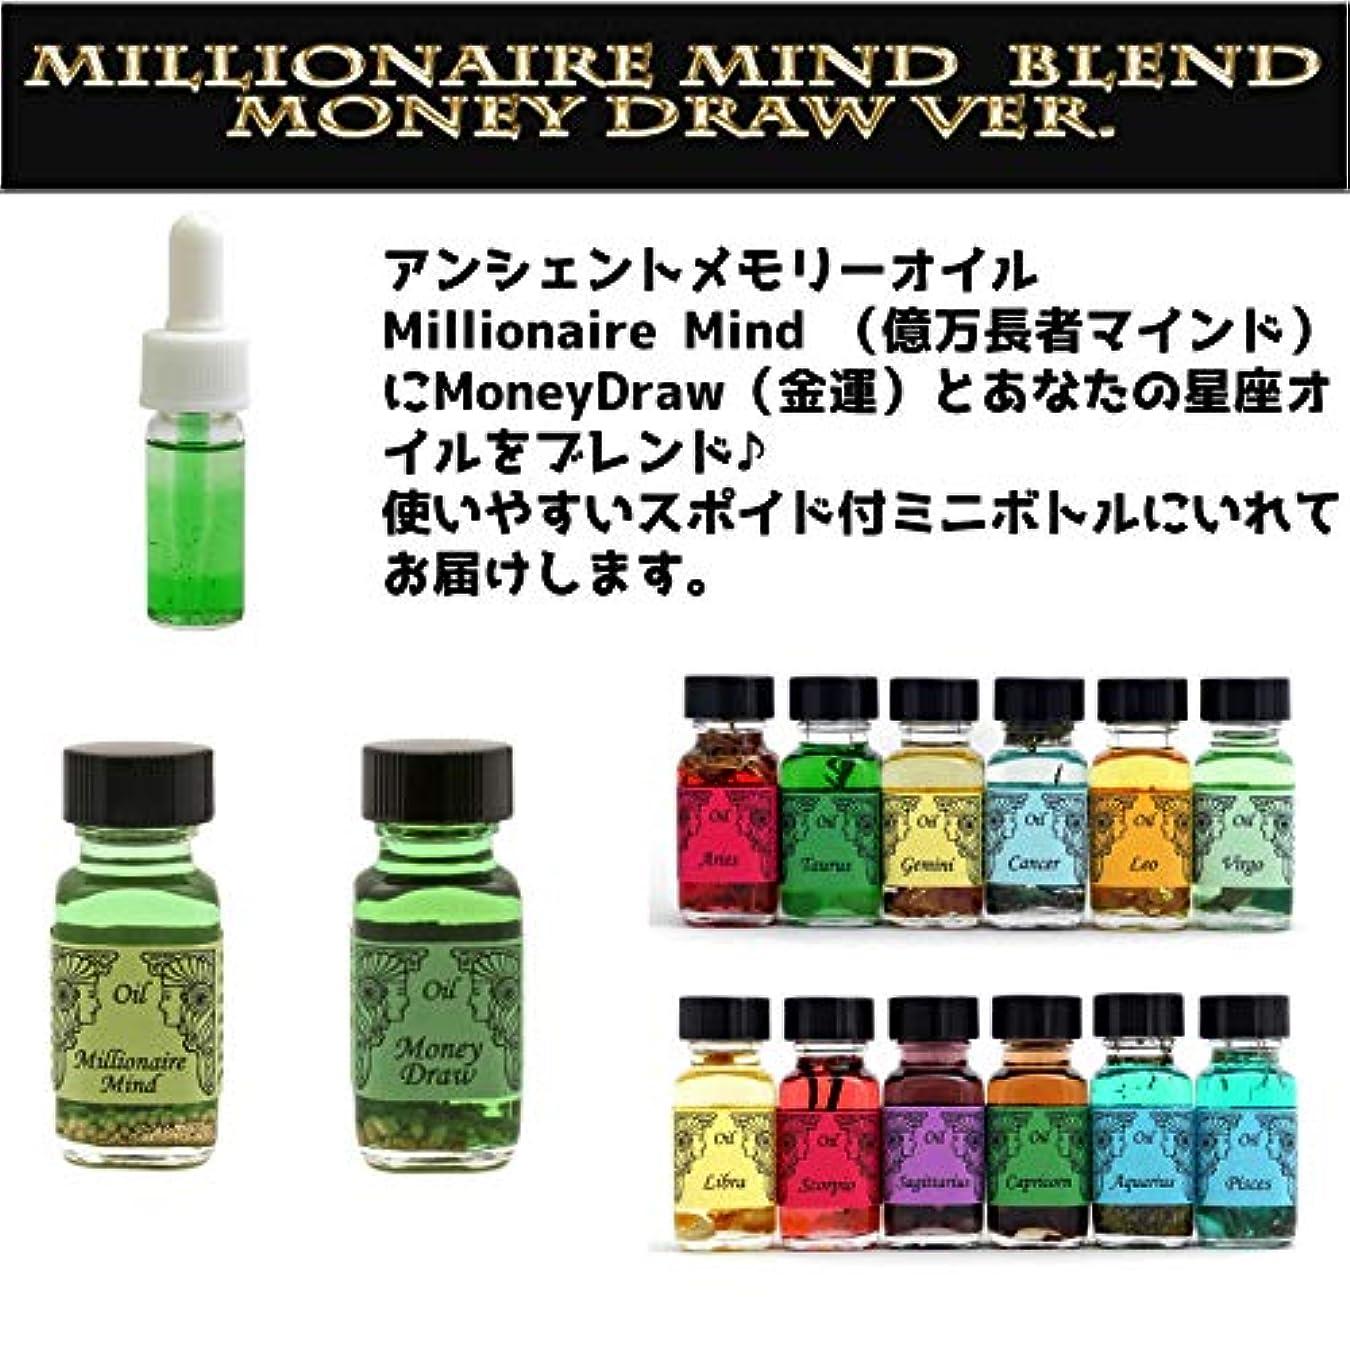 現実には申し立て細心のアンシェントメモリーオイル Millionaire Mind 億万長者マインド ブレンド(Money Drawマネードロー(金運)&かに座